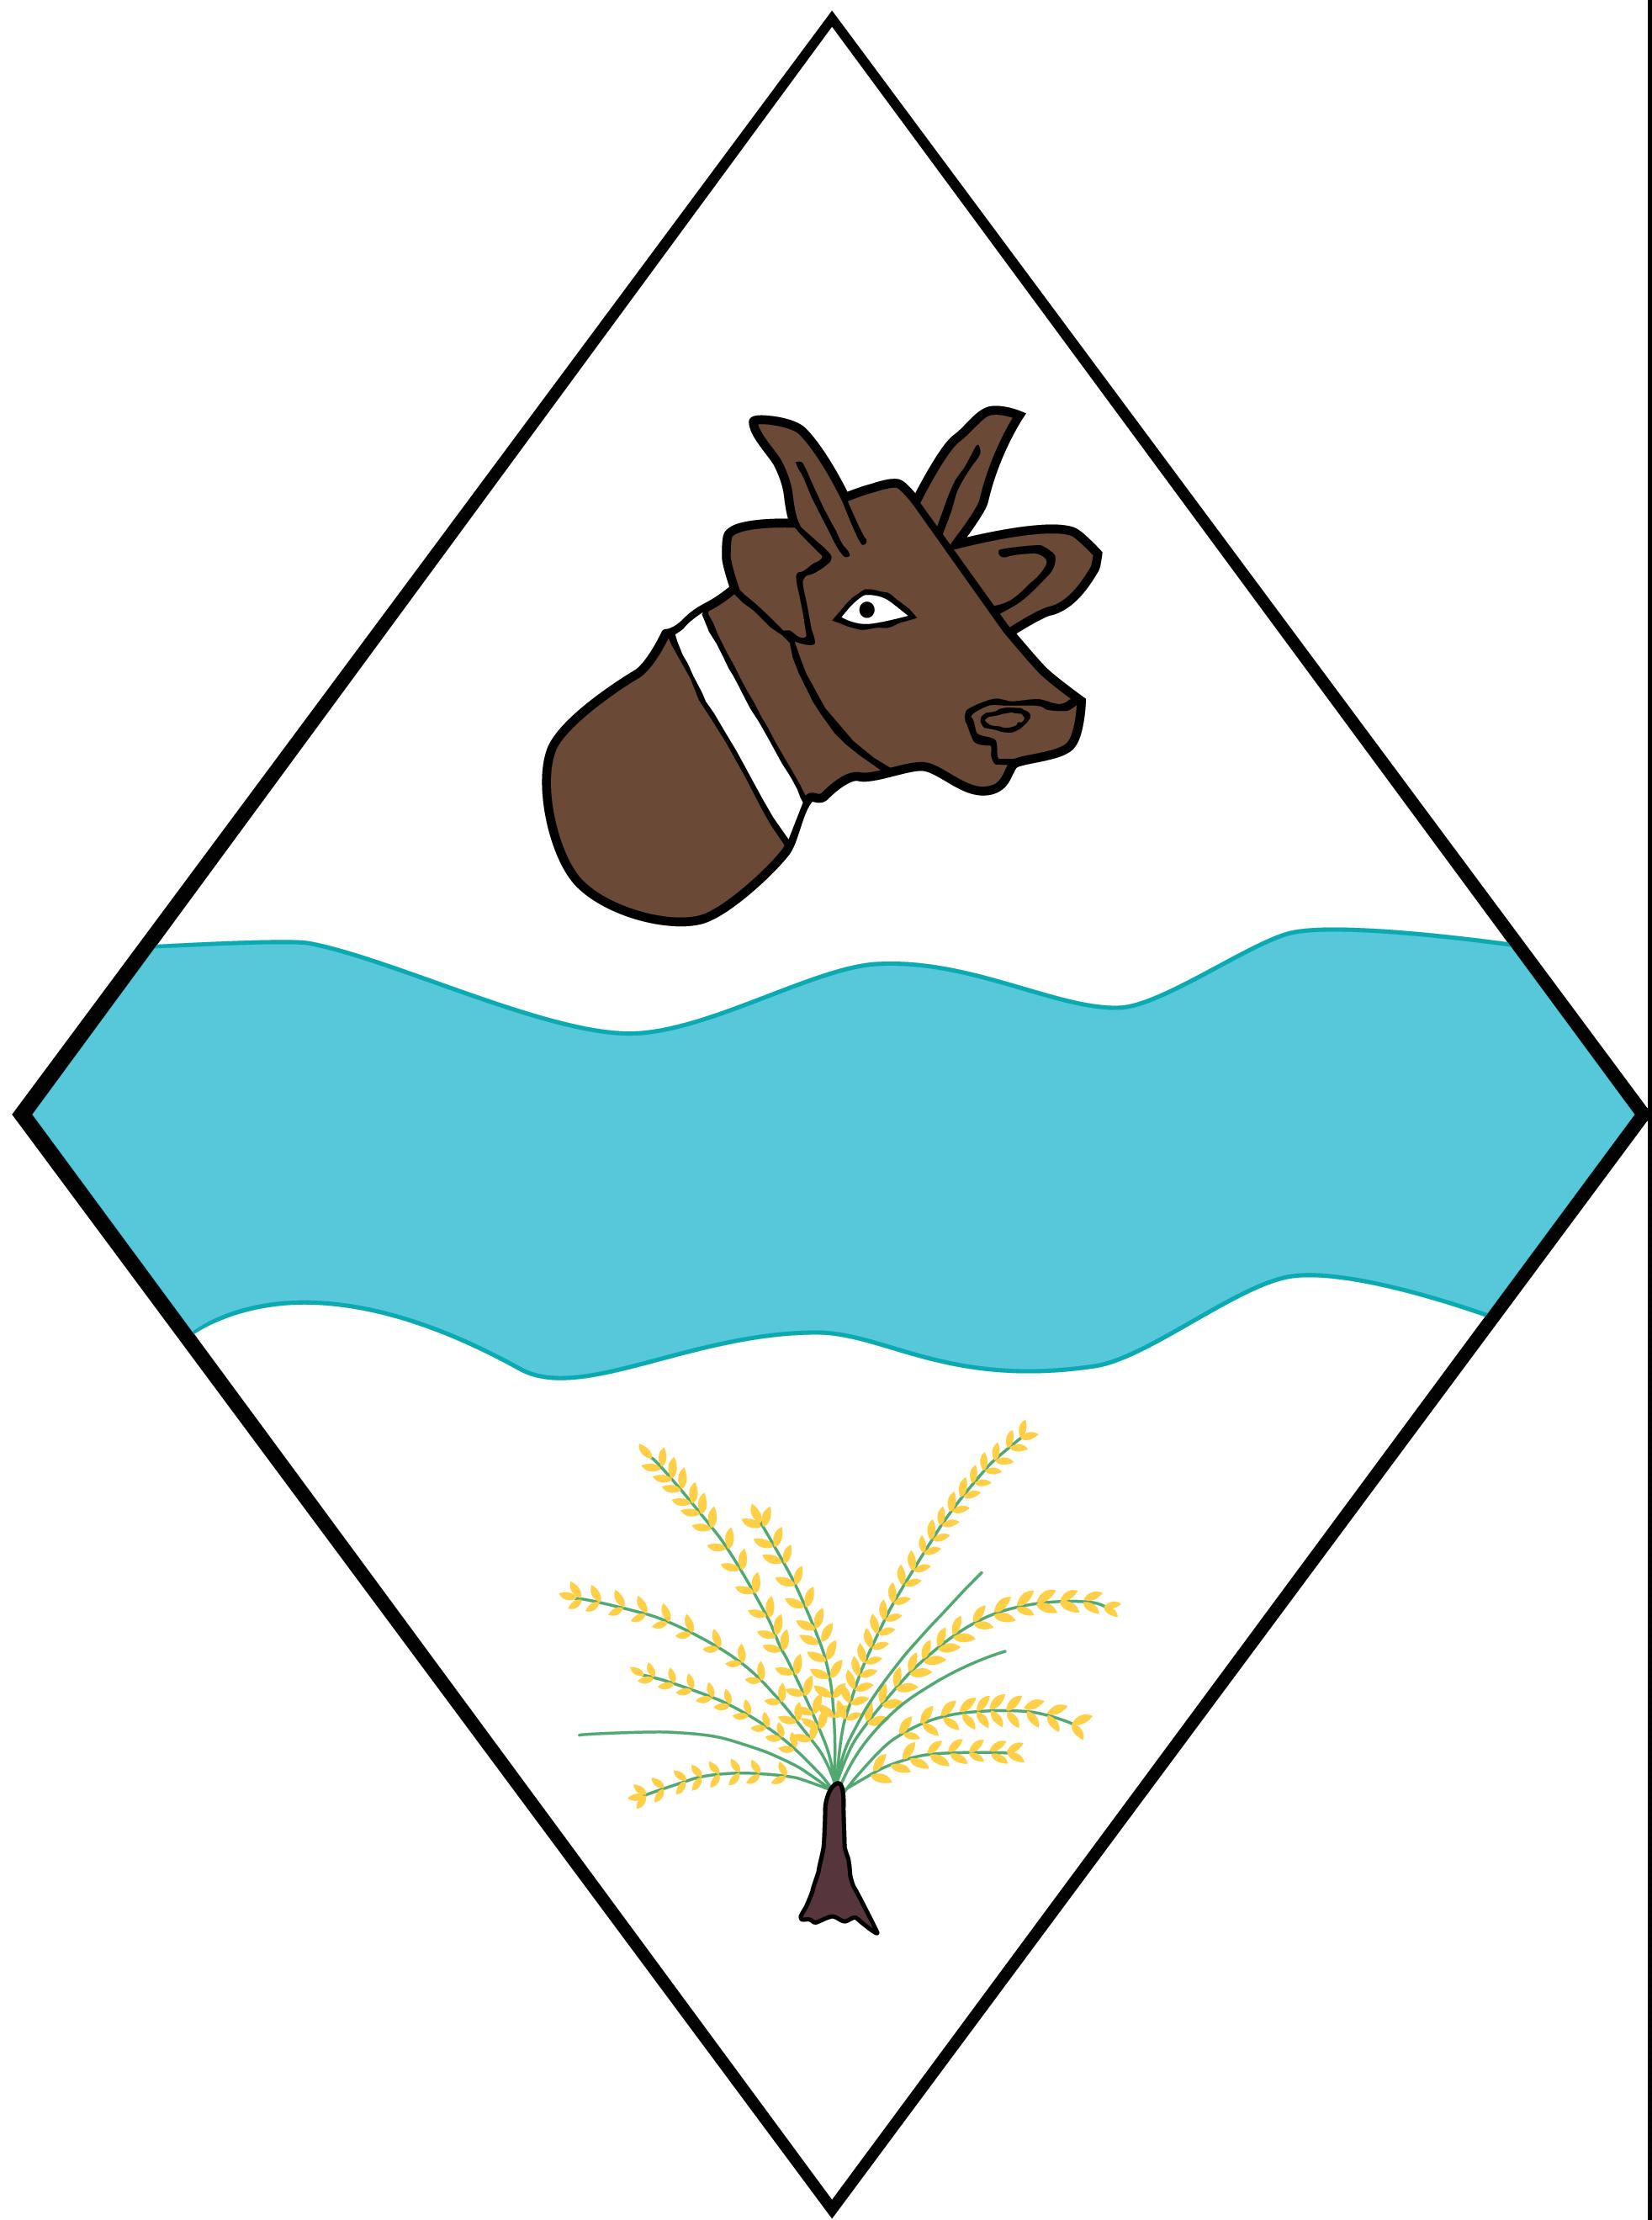 São Raimundo das Mangabeiras Maranhão fonte: upload.wikimedia.org